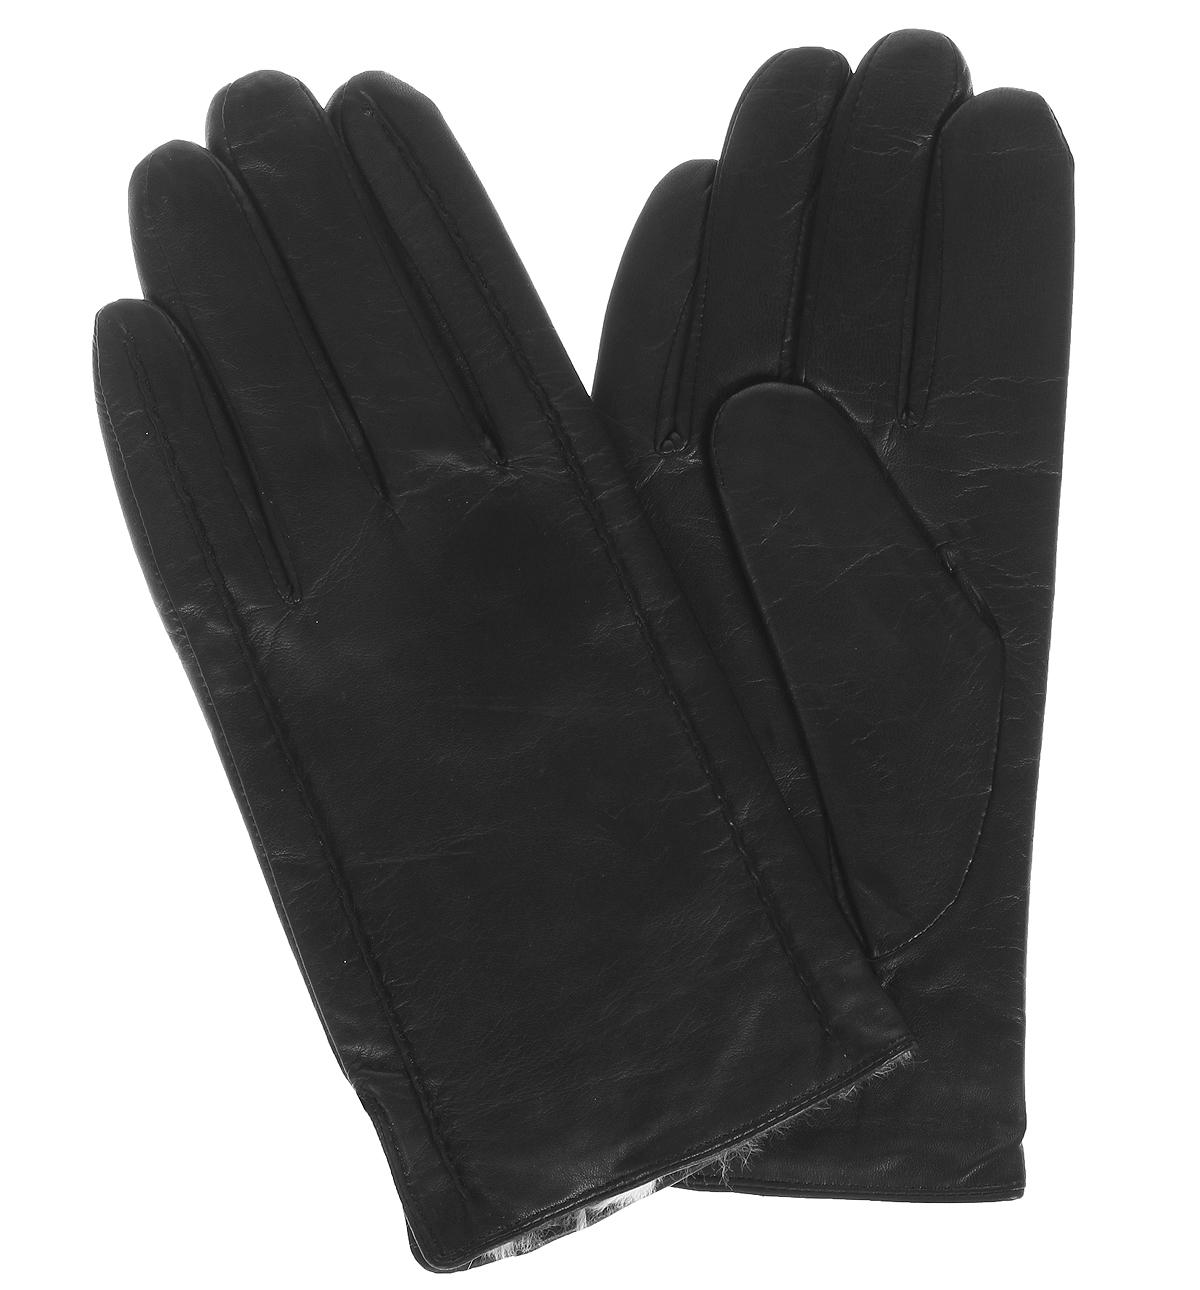 Перчатки мужские. F1457F1457/10Стильные мужские перчатки Baggini не только защитят ваши руки от холода, но и станут великолепным украшением. Перчатки выполнены из чрезвычайно мягкой и приятной на ощупь натуральной кожи, а их подкладка - из натурального меха кролика. Перчатки станут завершающим и подчеркивающим элементом вашего стиля и неповторимости.